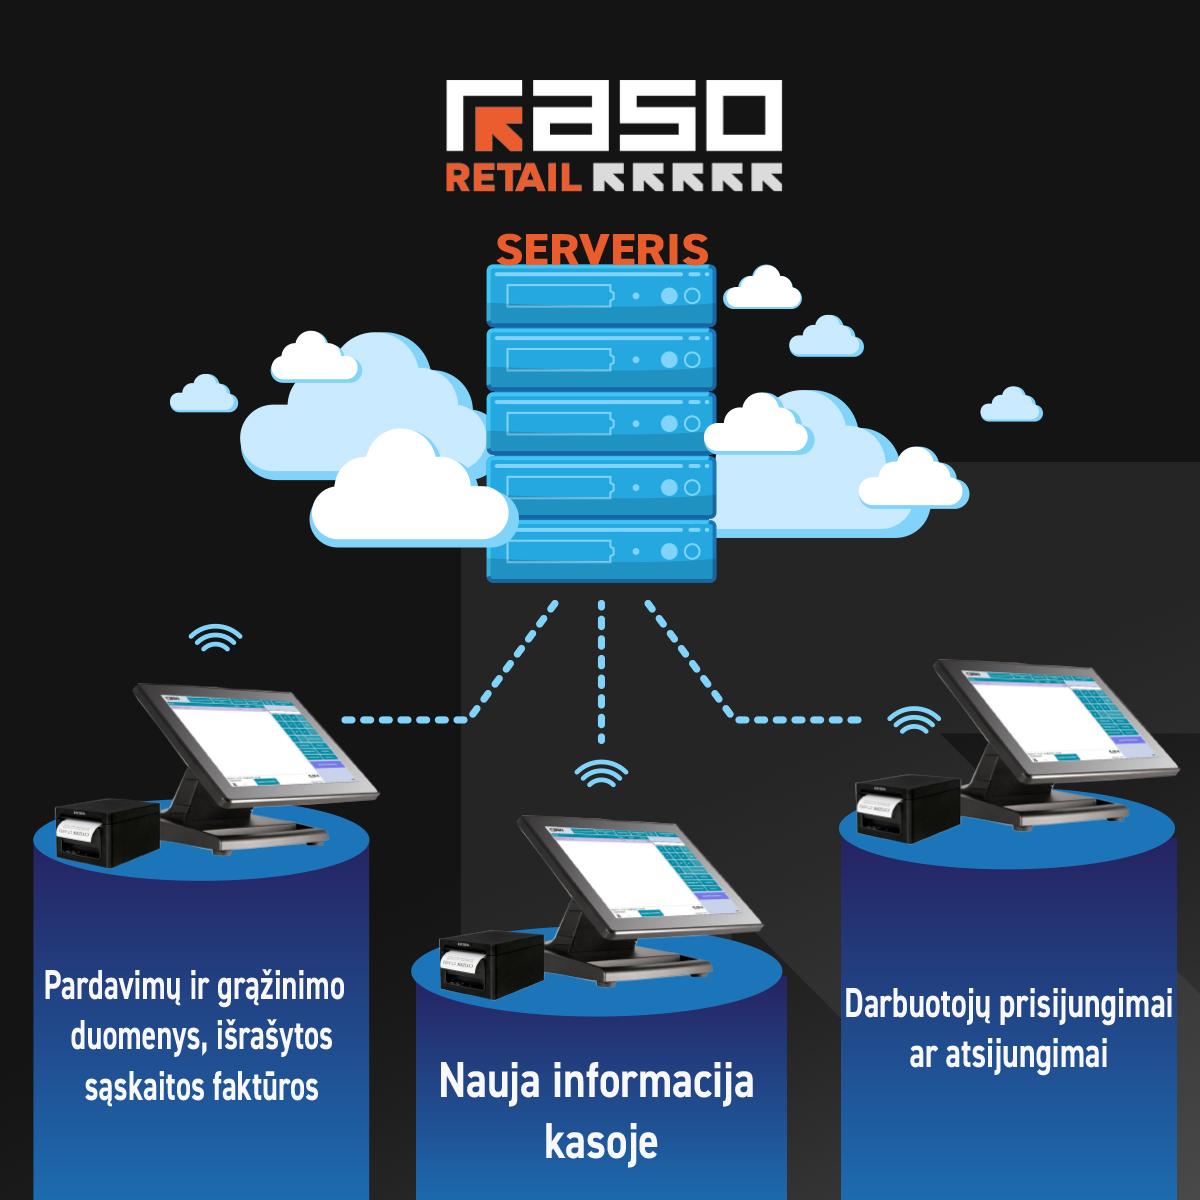 Kasos programa (POS) Raso Retail